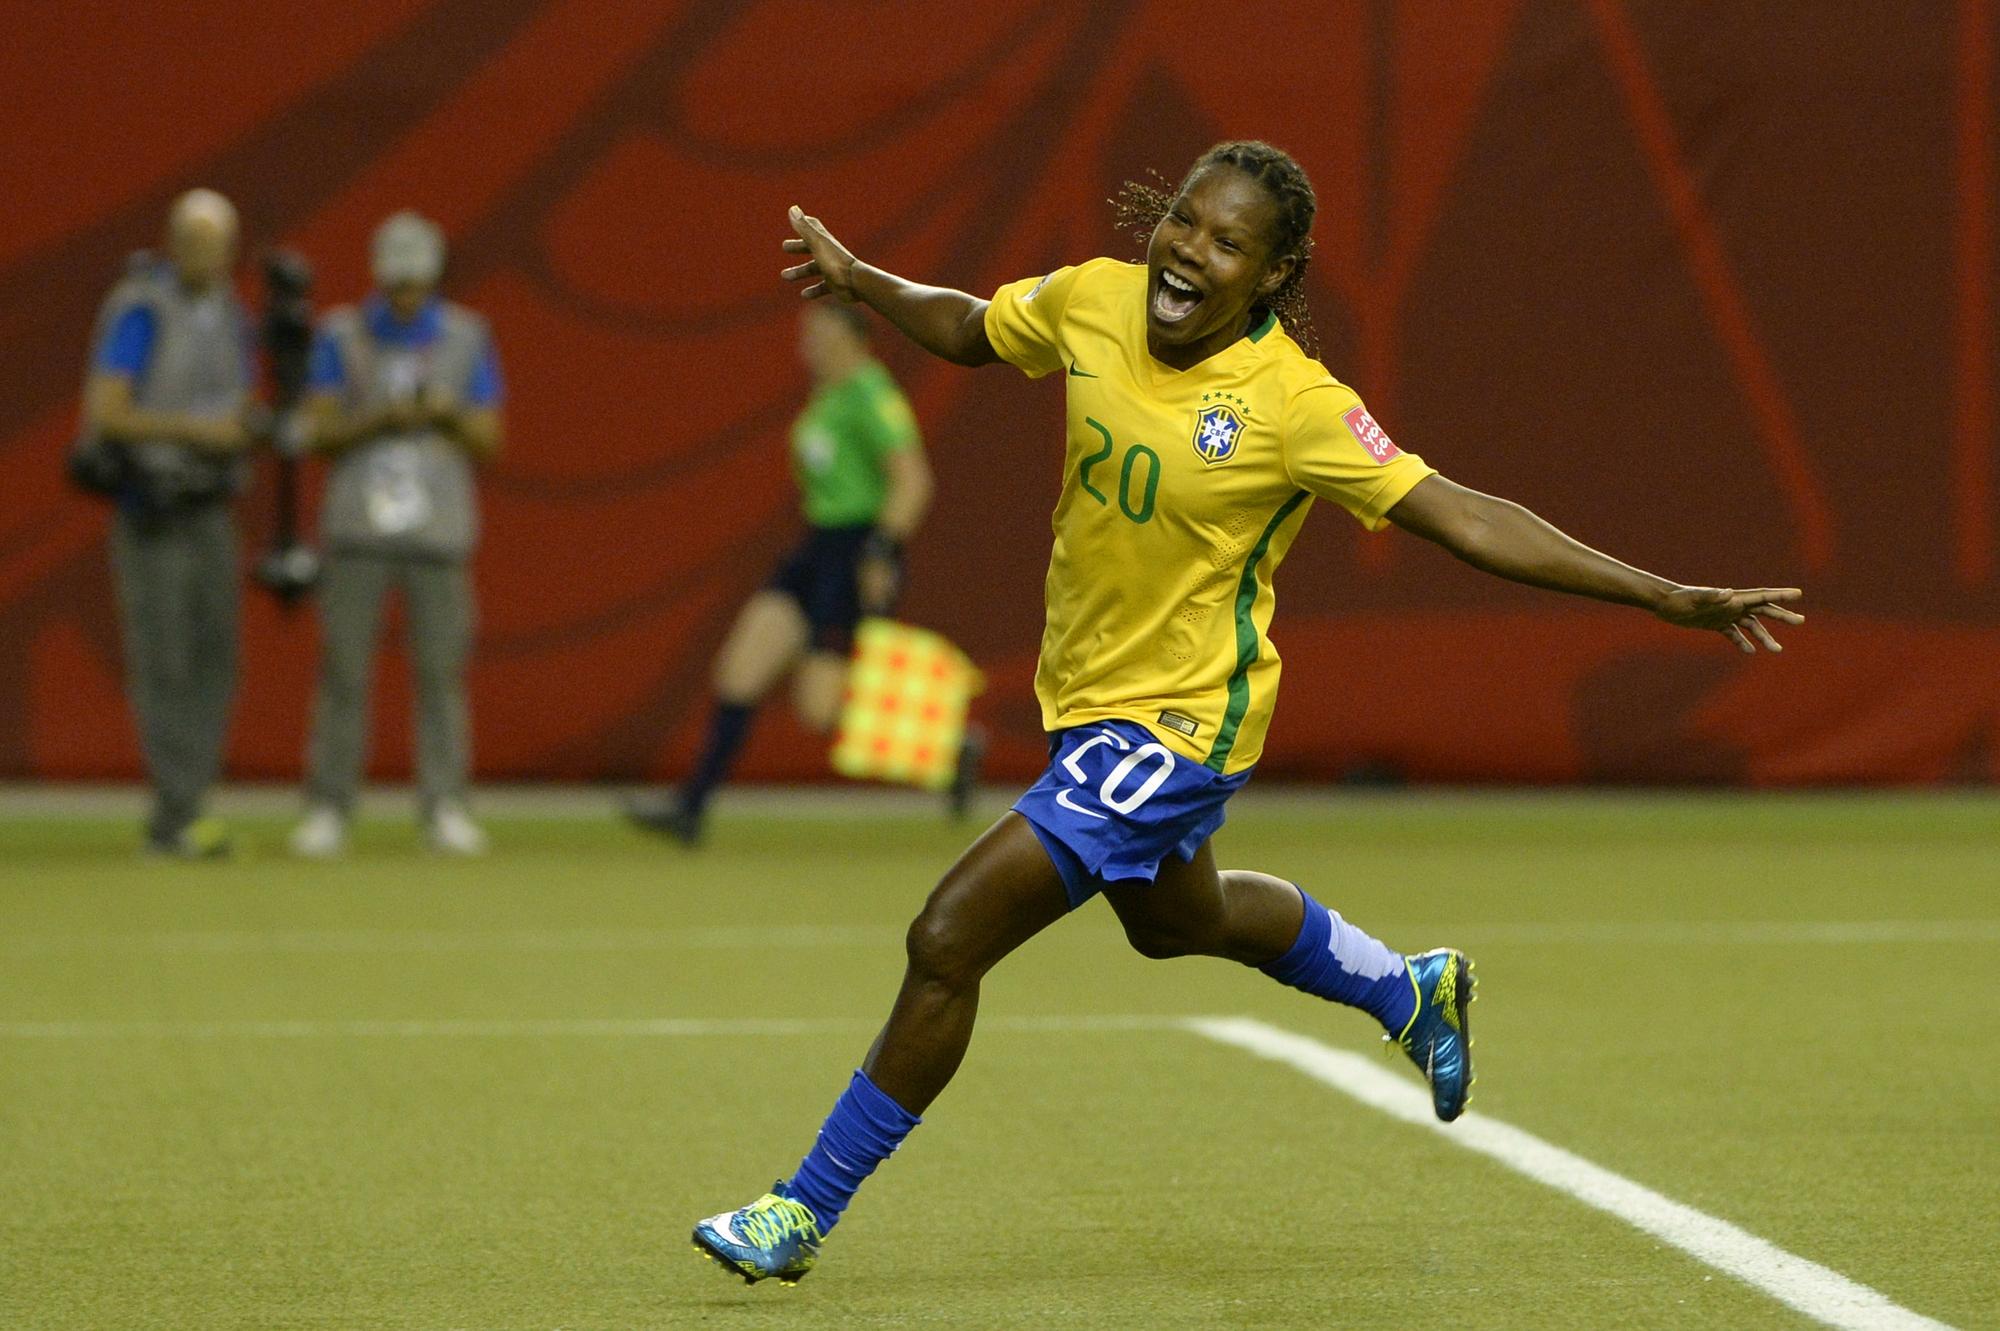 Trabalho de formiguinha  a trajetória de Formiga no futebol feminino  vídeo c1d32429a3d37